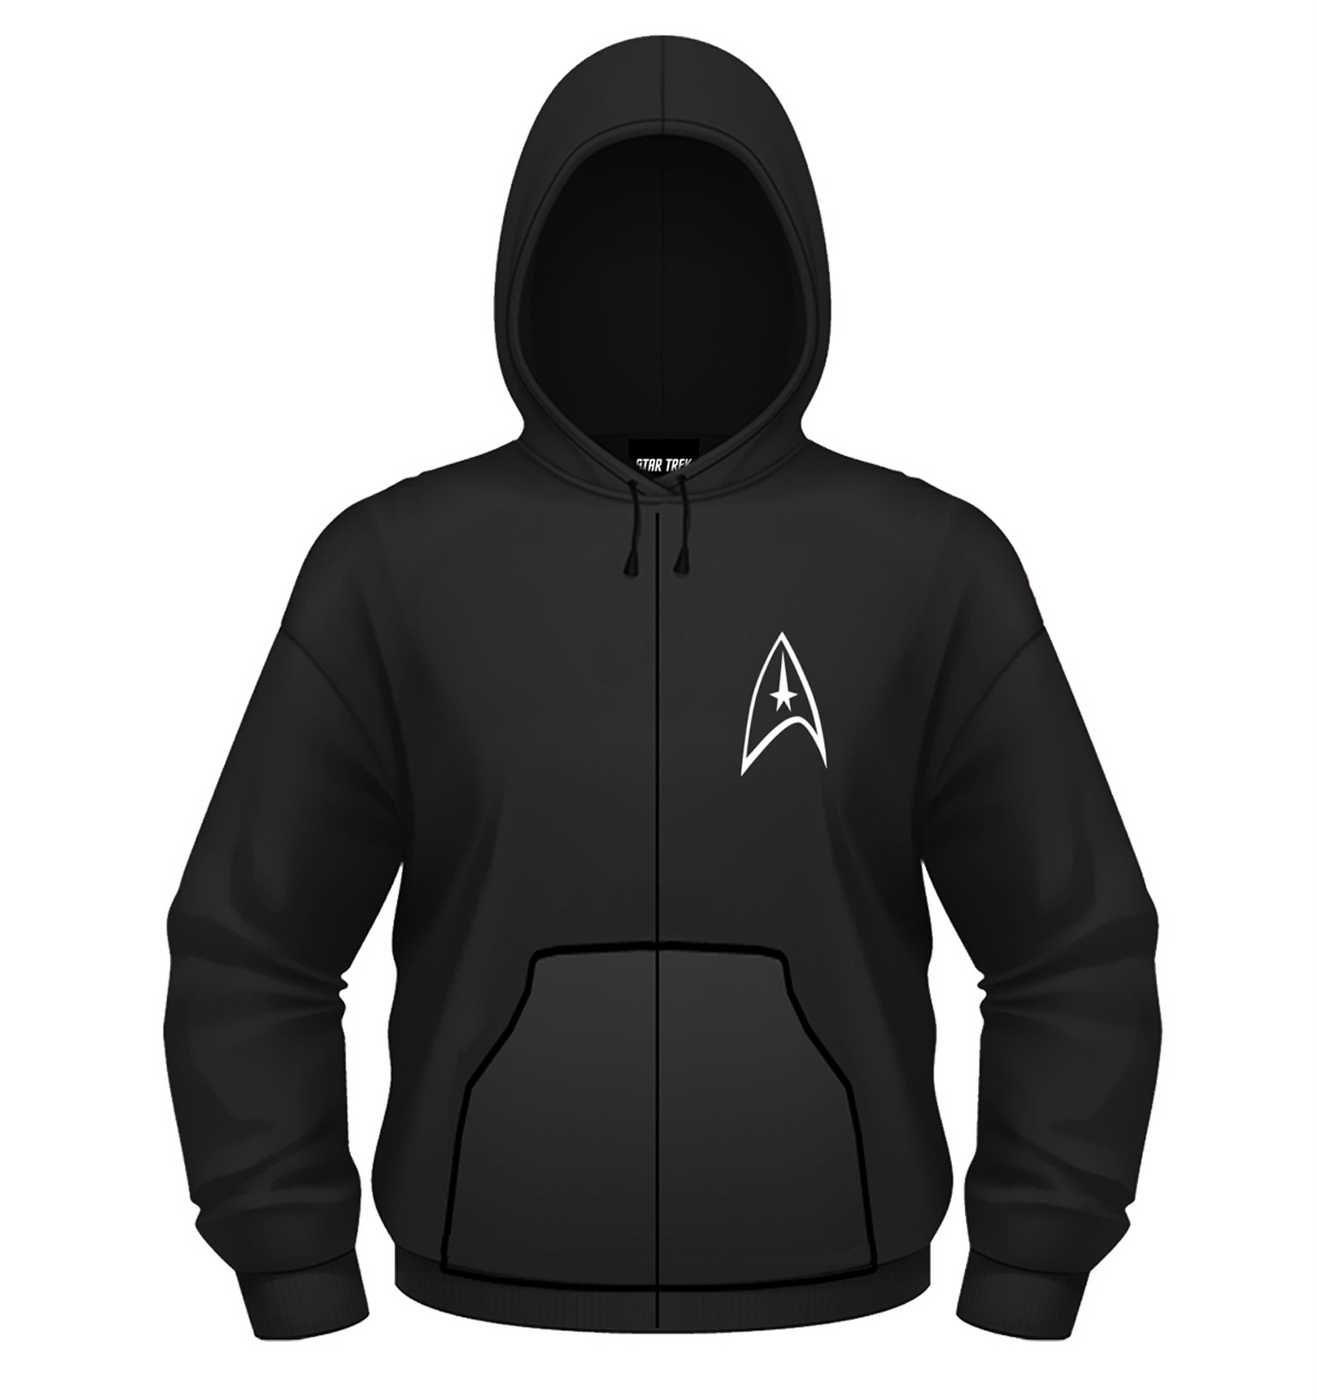 OFFICIAL Star Trek Badge zoodie